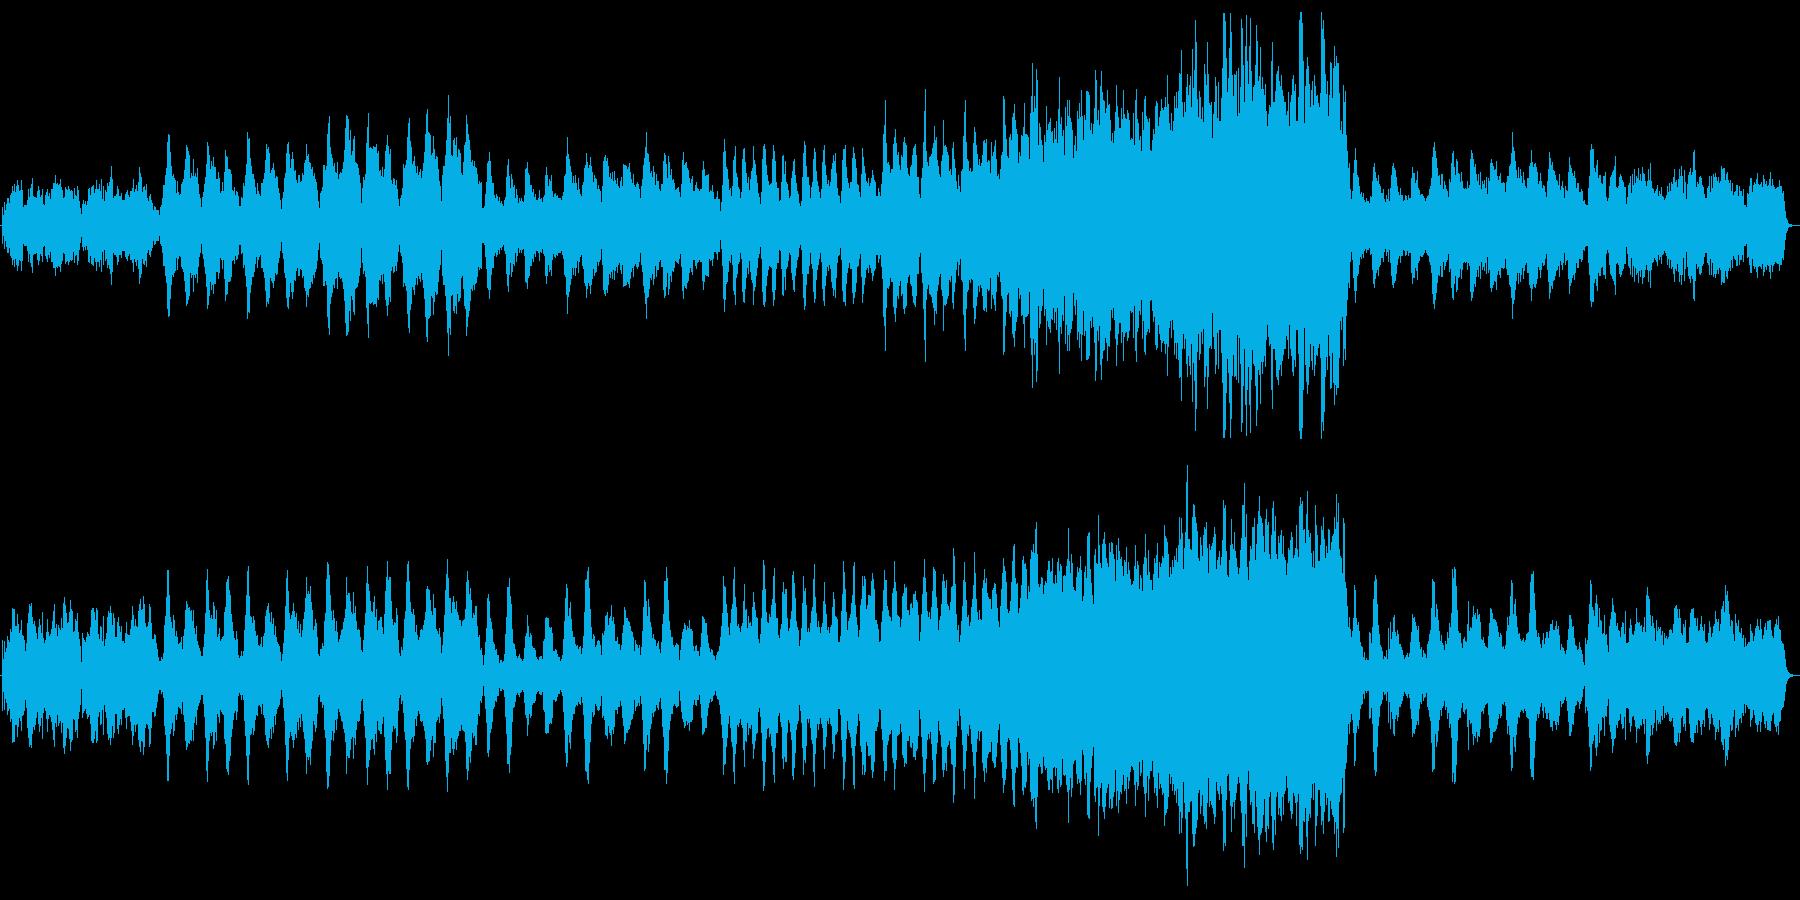 しっとりと幻想的な和風曲の再生済みの波形